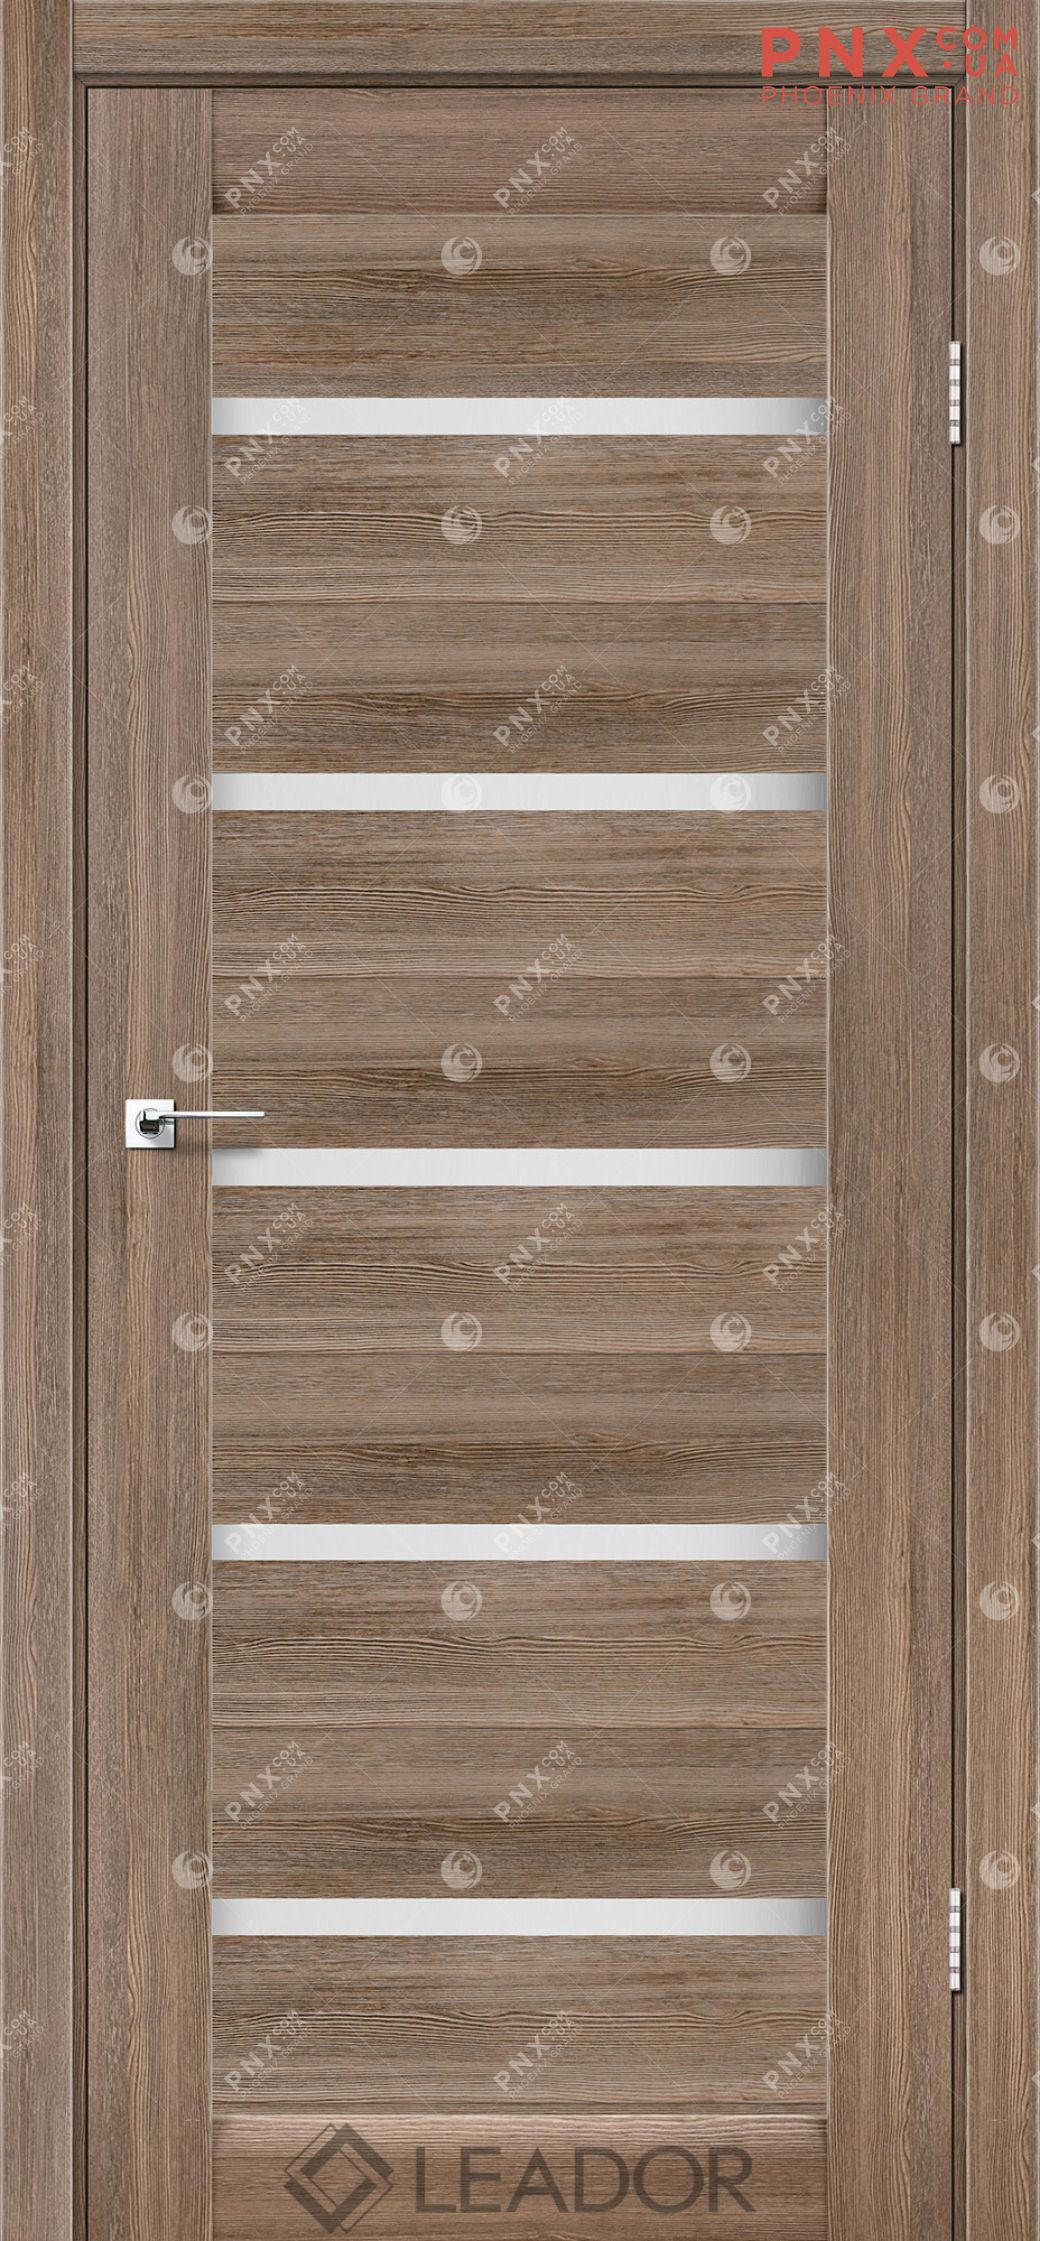 Межкомнатная дверь LEADOR Siena, Серое дерево, Белое стекло сатин